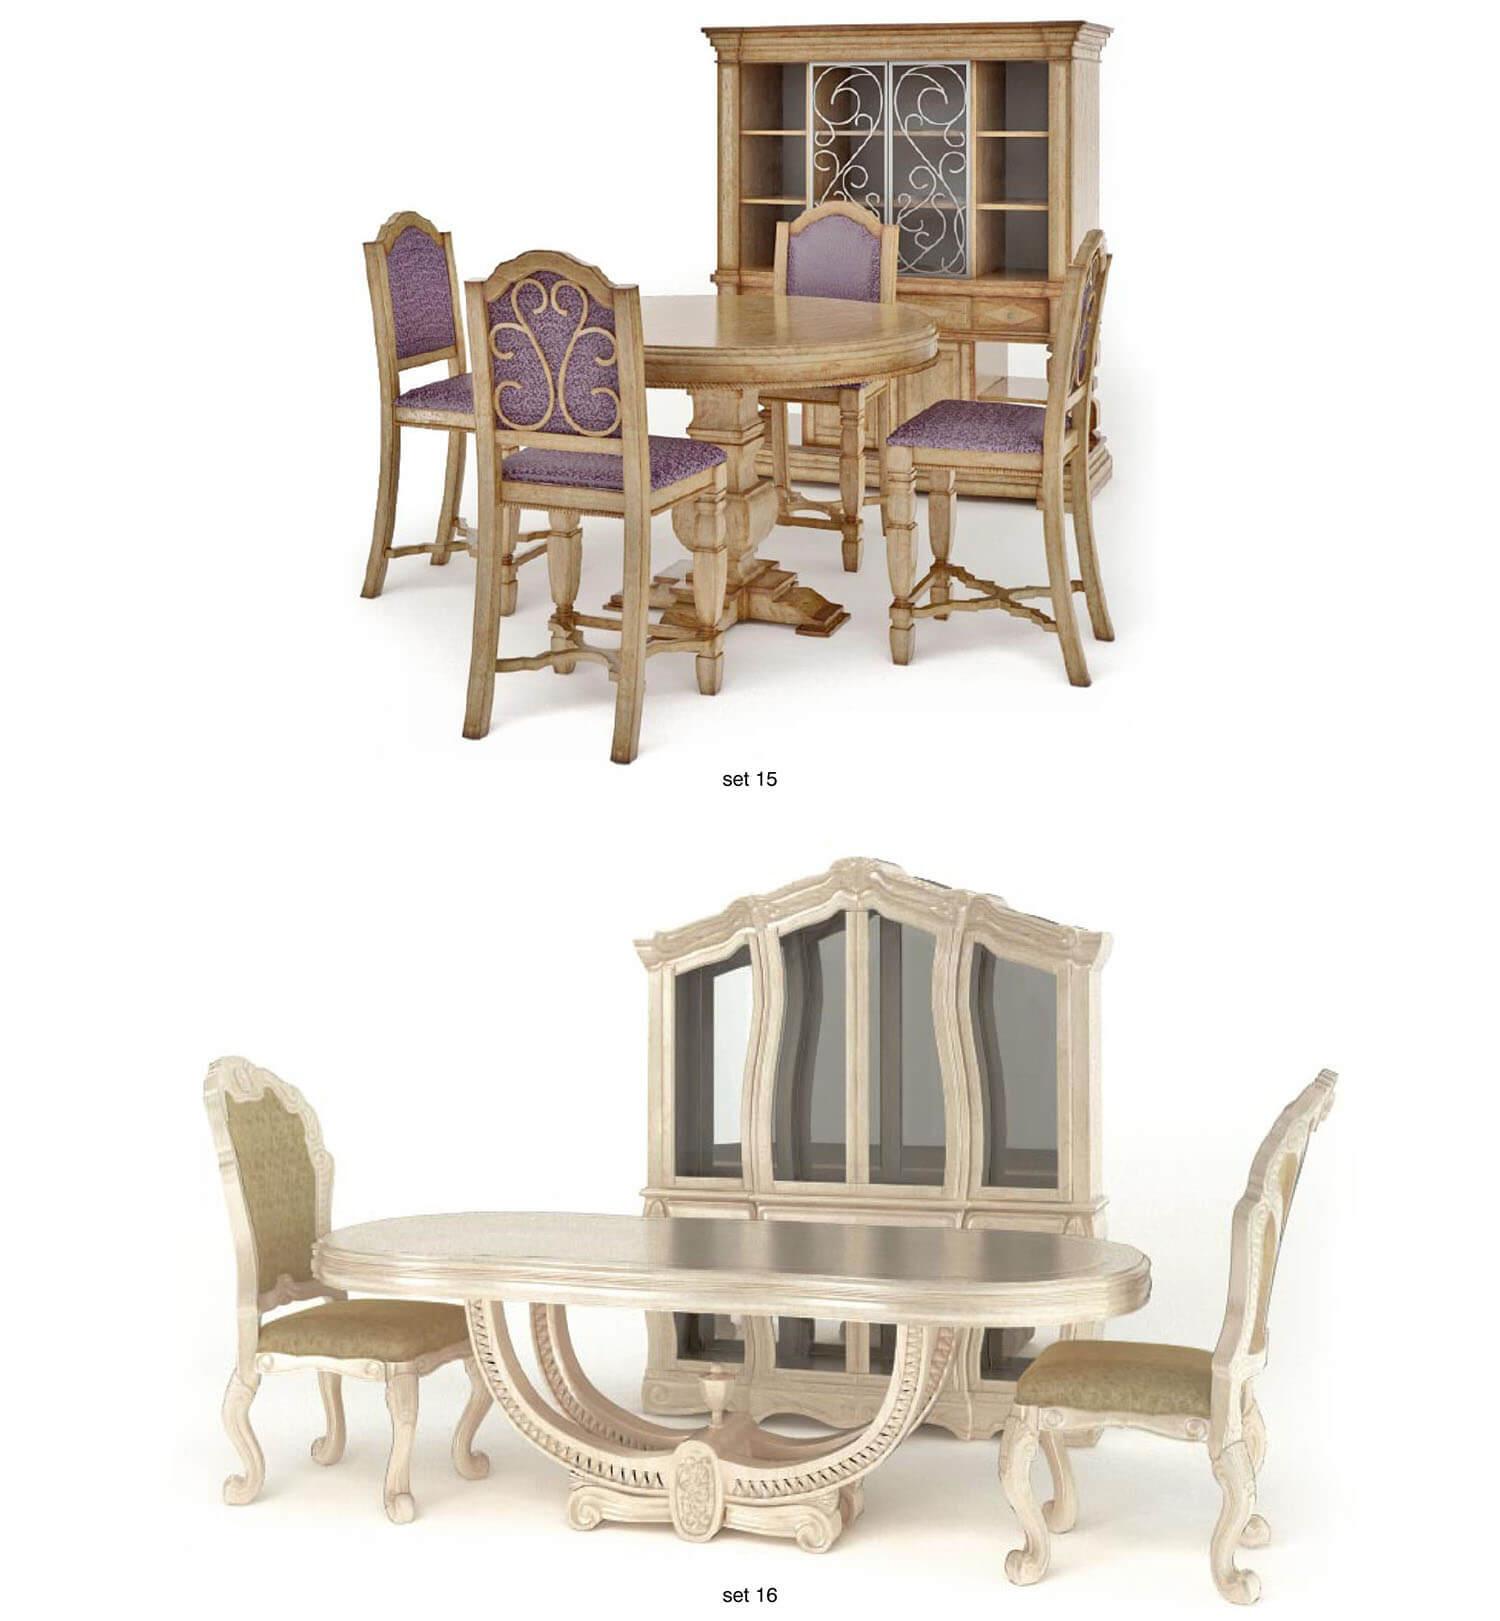 bộ bàn ăn có đường nét trang trí cầu kì và màu sắc gỗ độc đáo